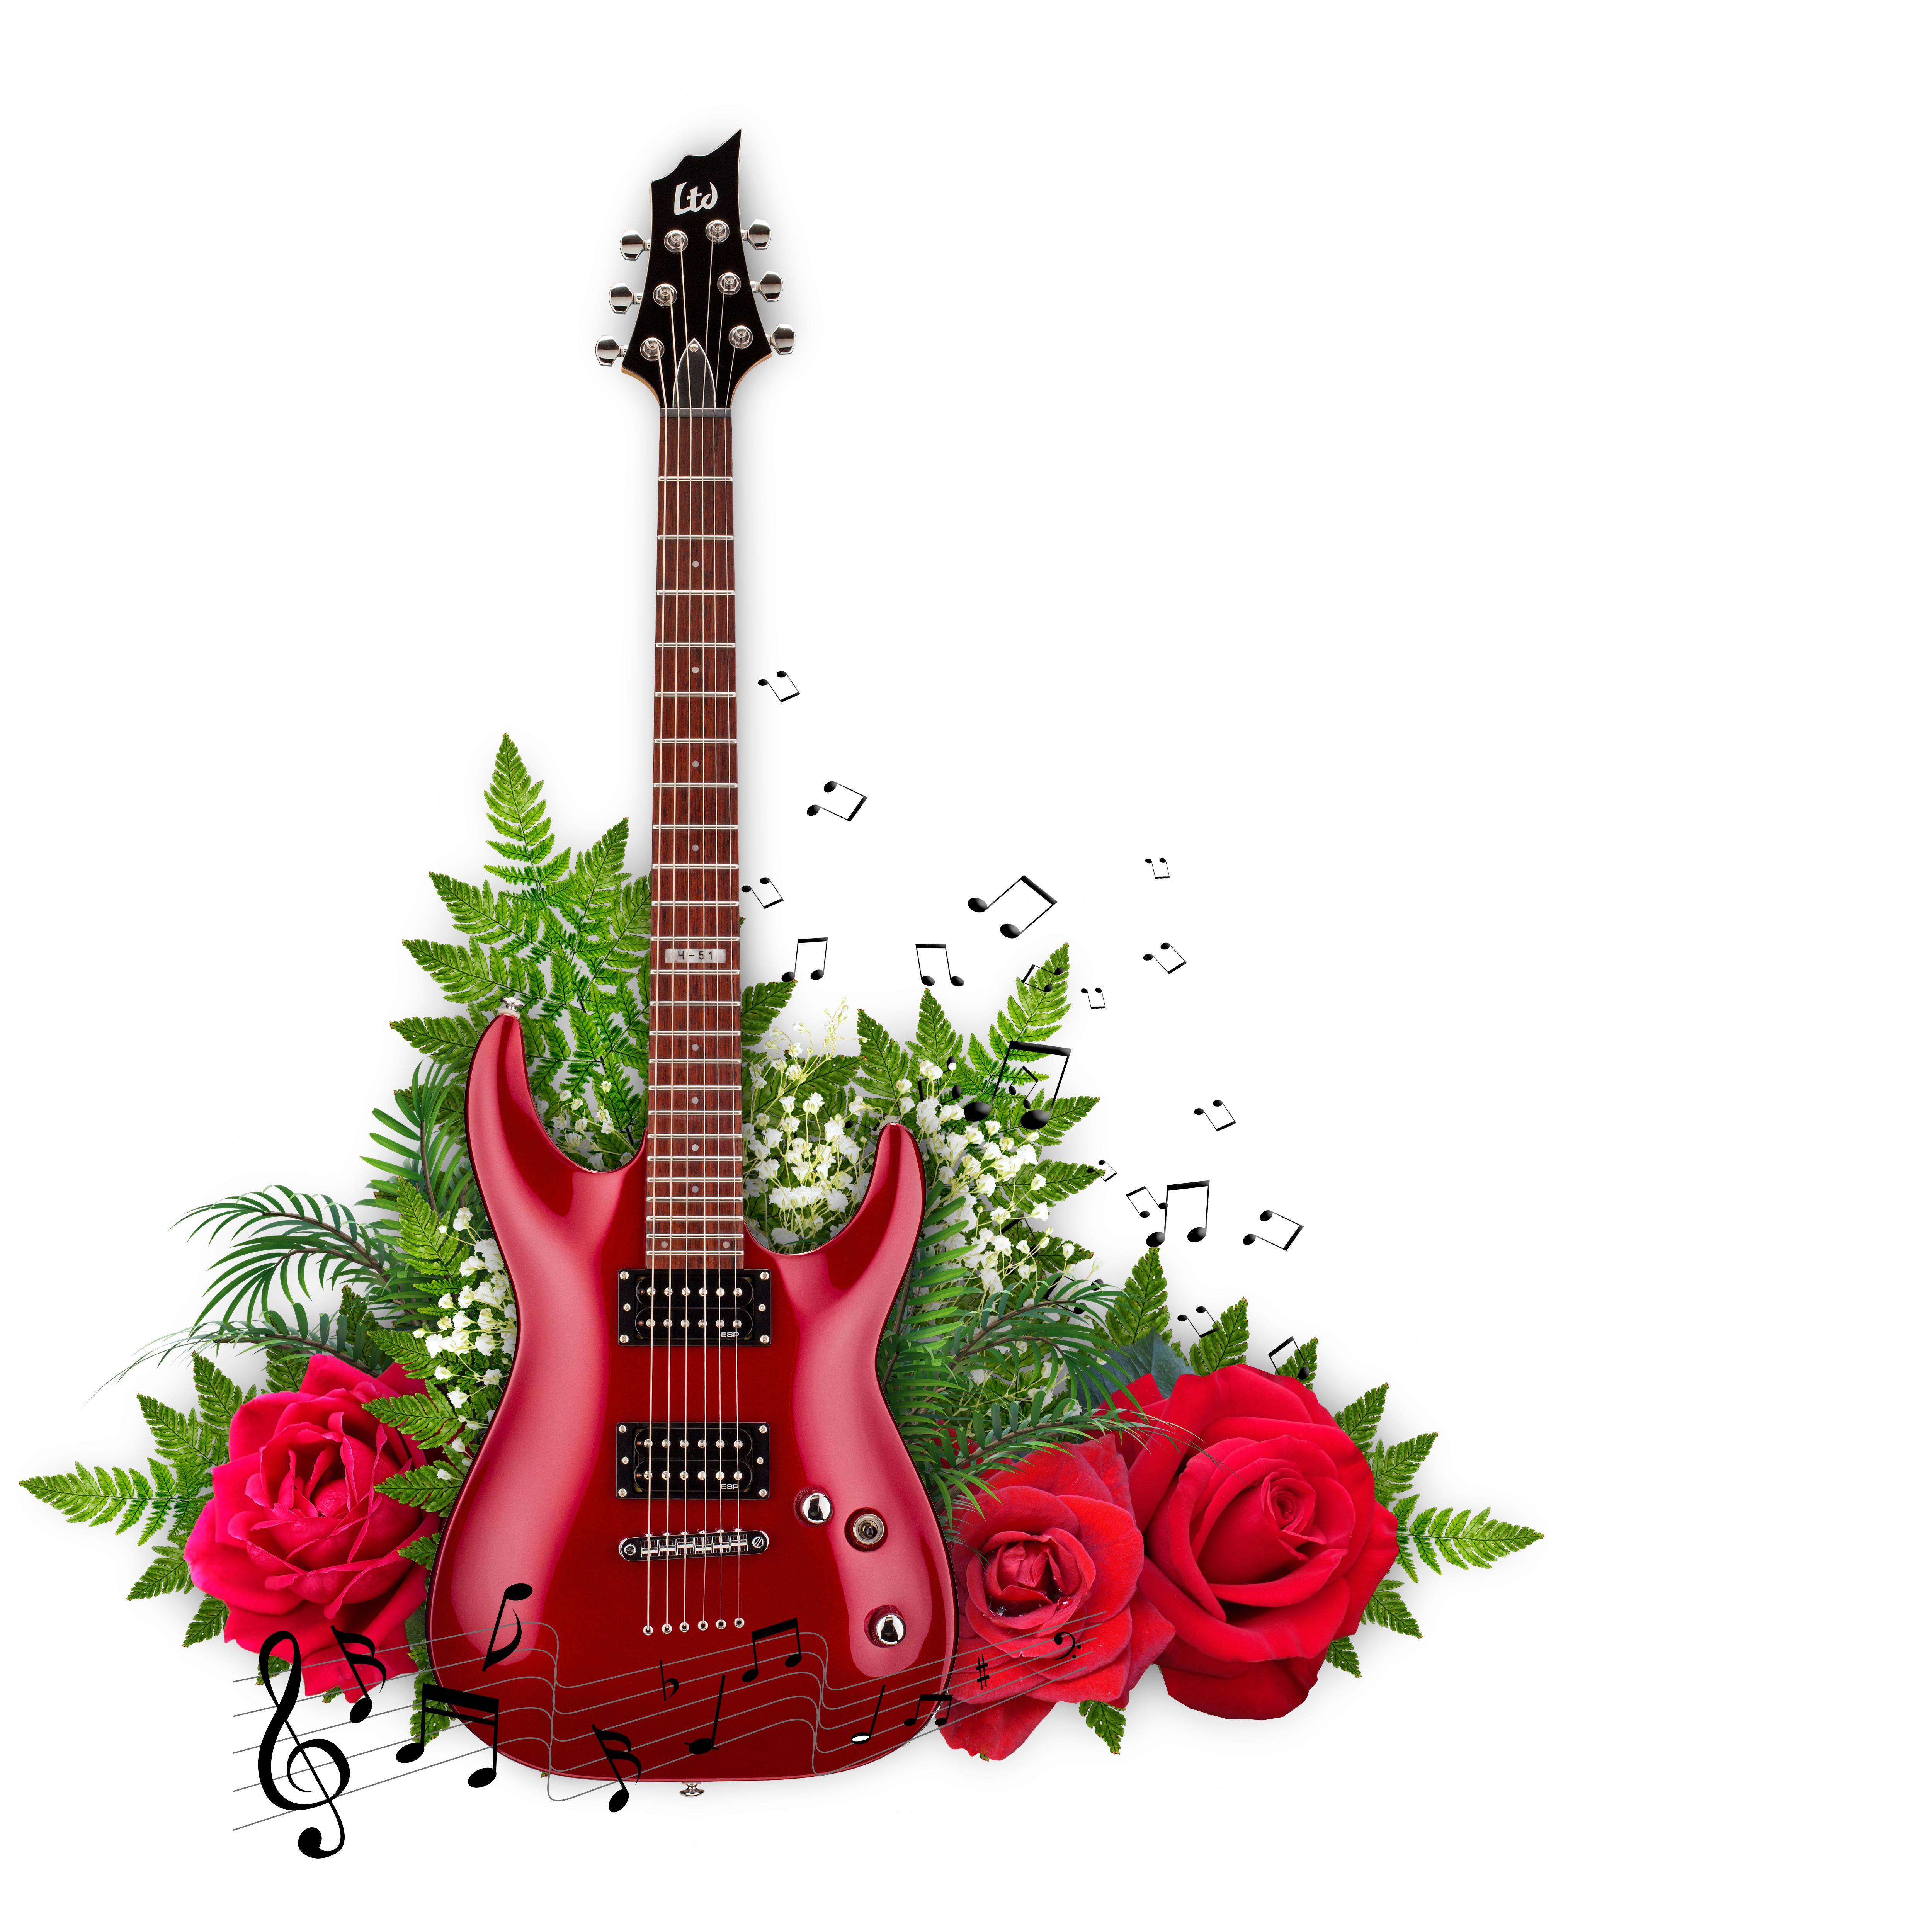 Фотография Ноты с гитарой Розы Ветки белым фоном 5000x5000 гитары Гитара роза ветвь ветка на ветке Белый фон белом фоне